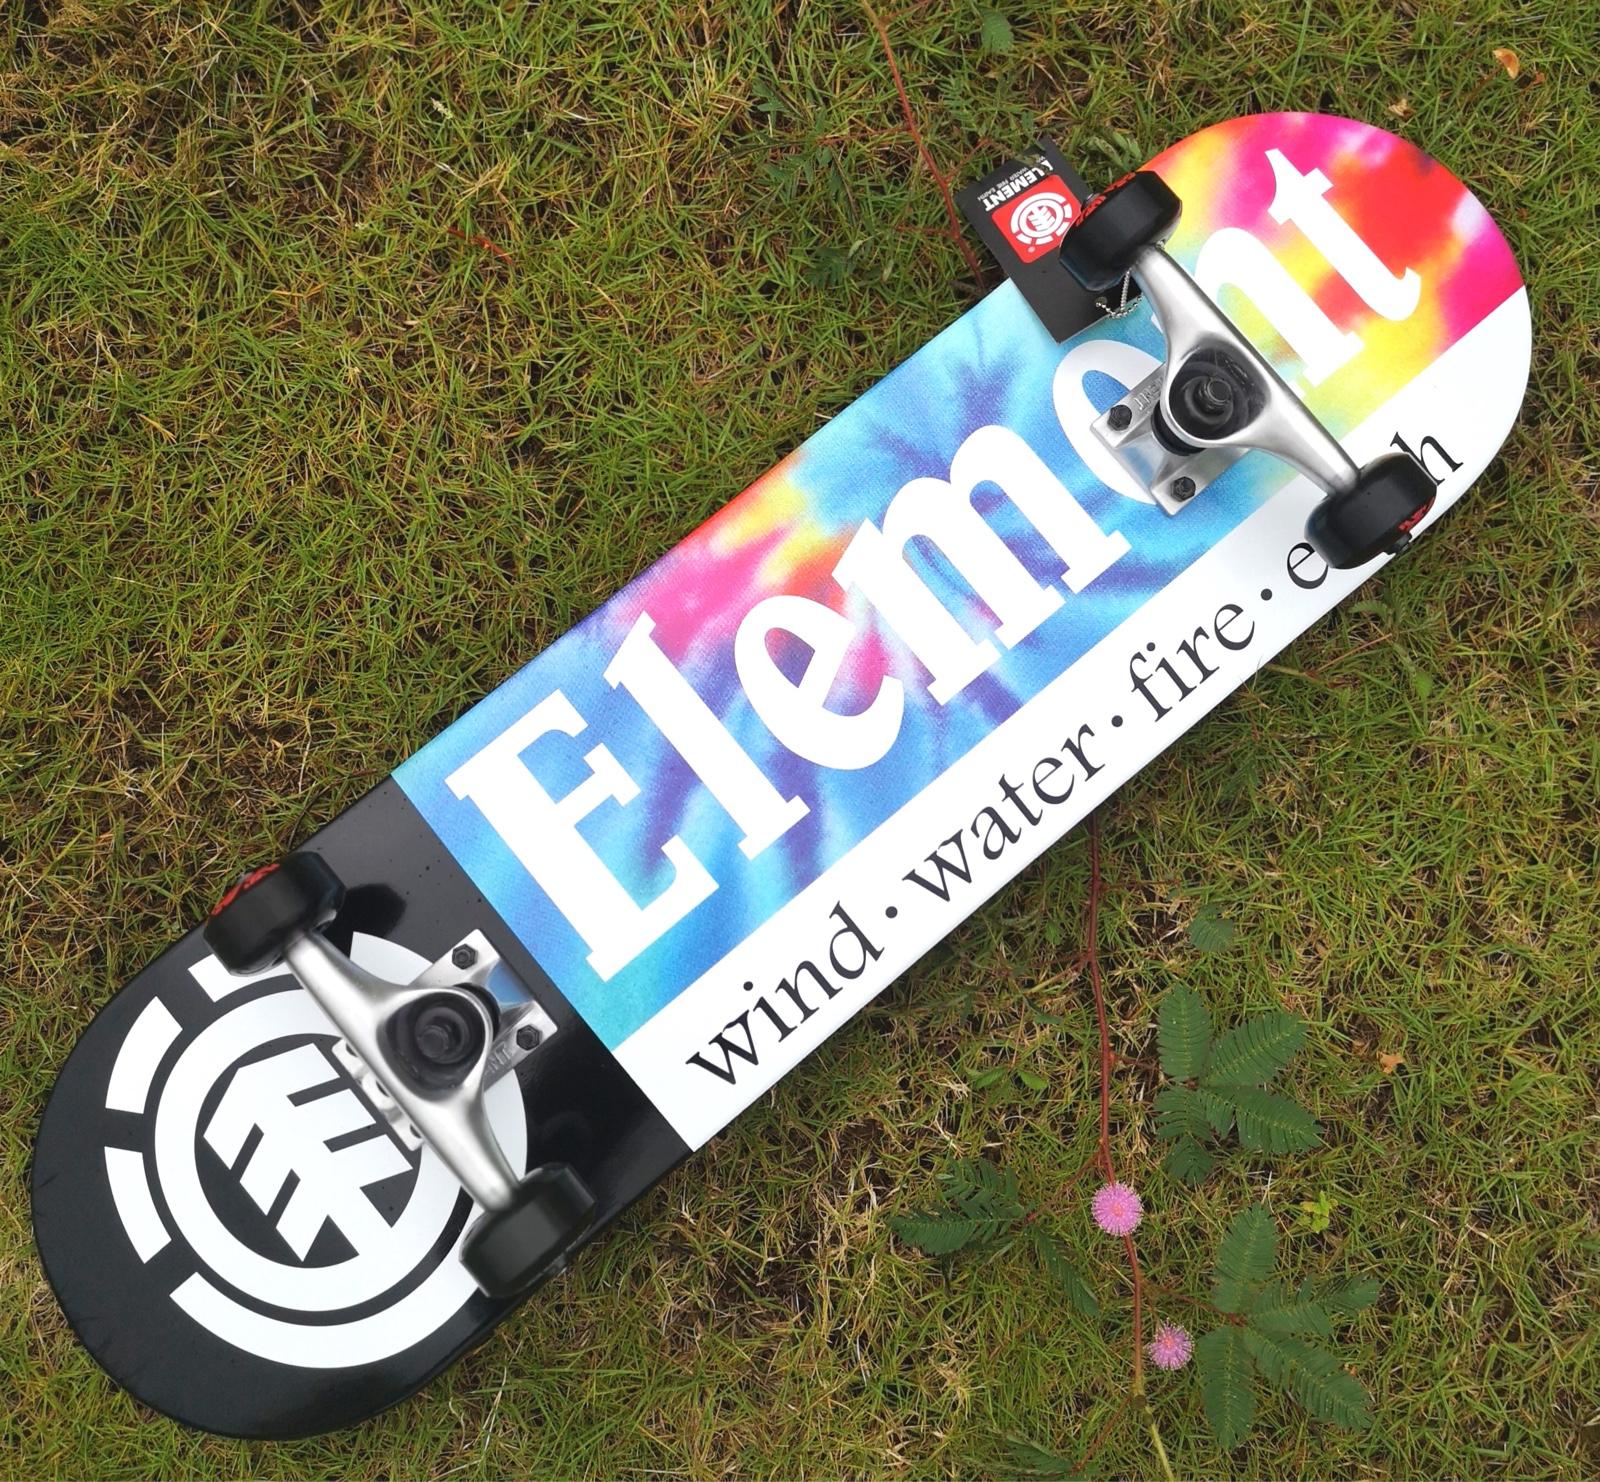 ELEMENT美国进口双翘滑板经典款初学组装板整板刷街板代步